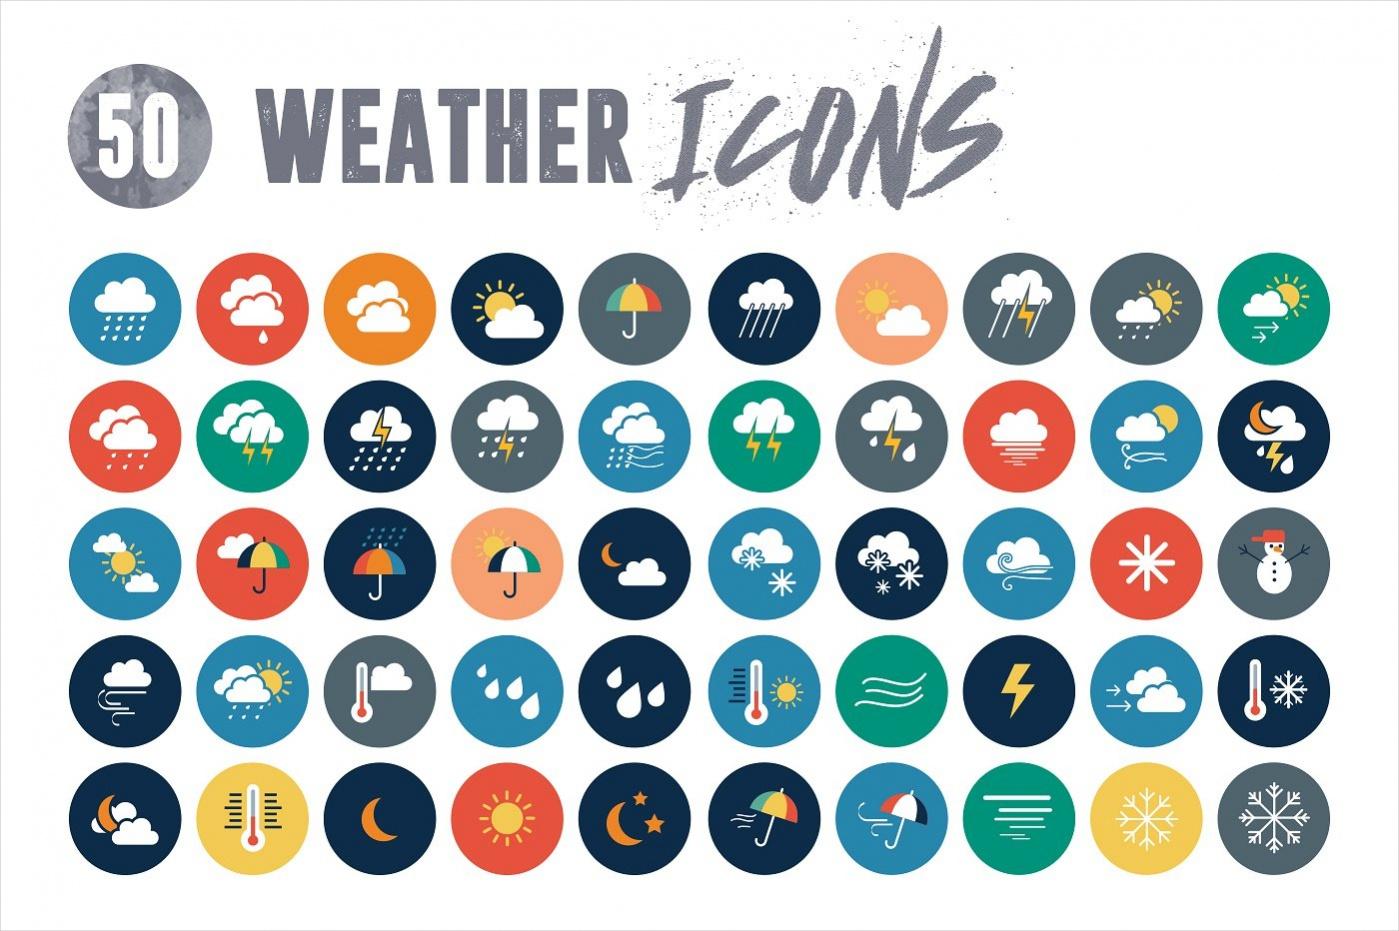 Rainy weather icon Design